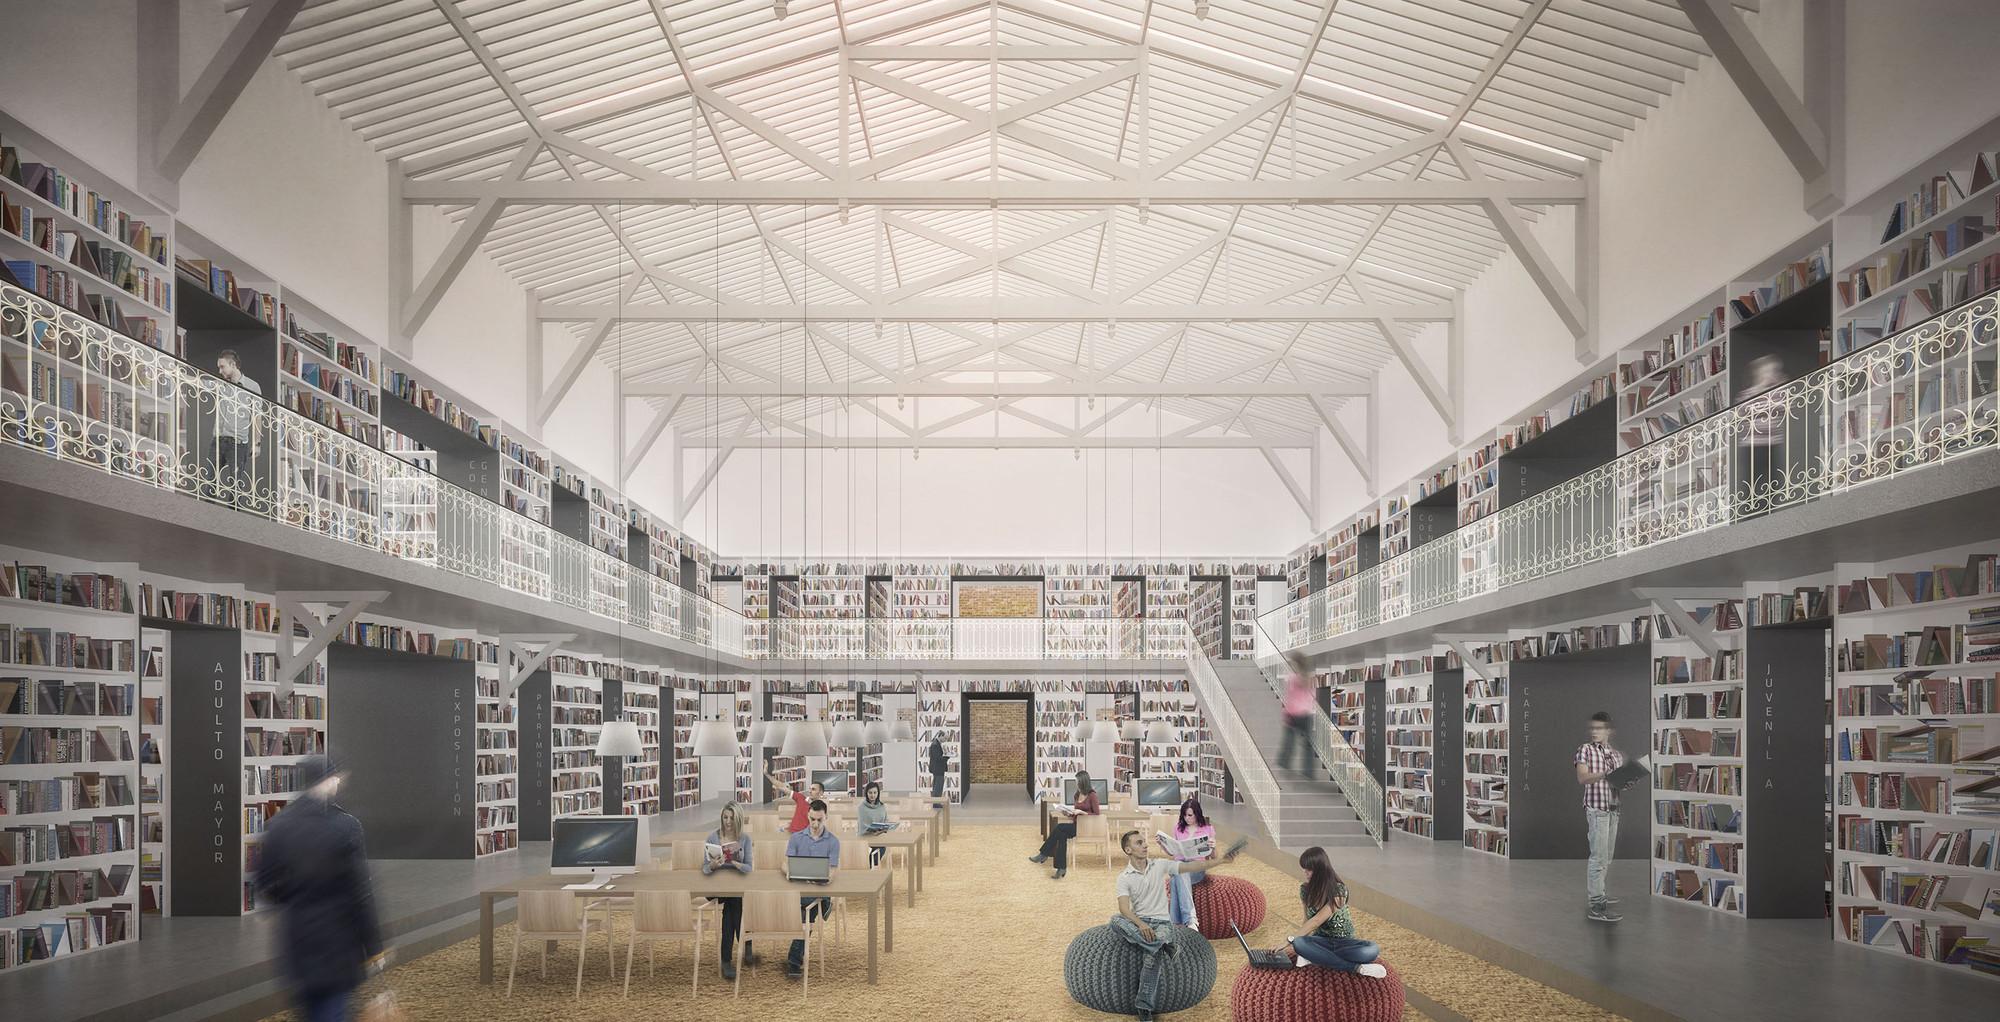 Segundo lugar en concurso de habilitaci n y construcci n for Biblioteca arquitectura